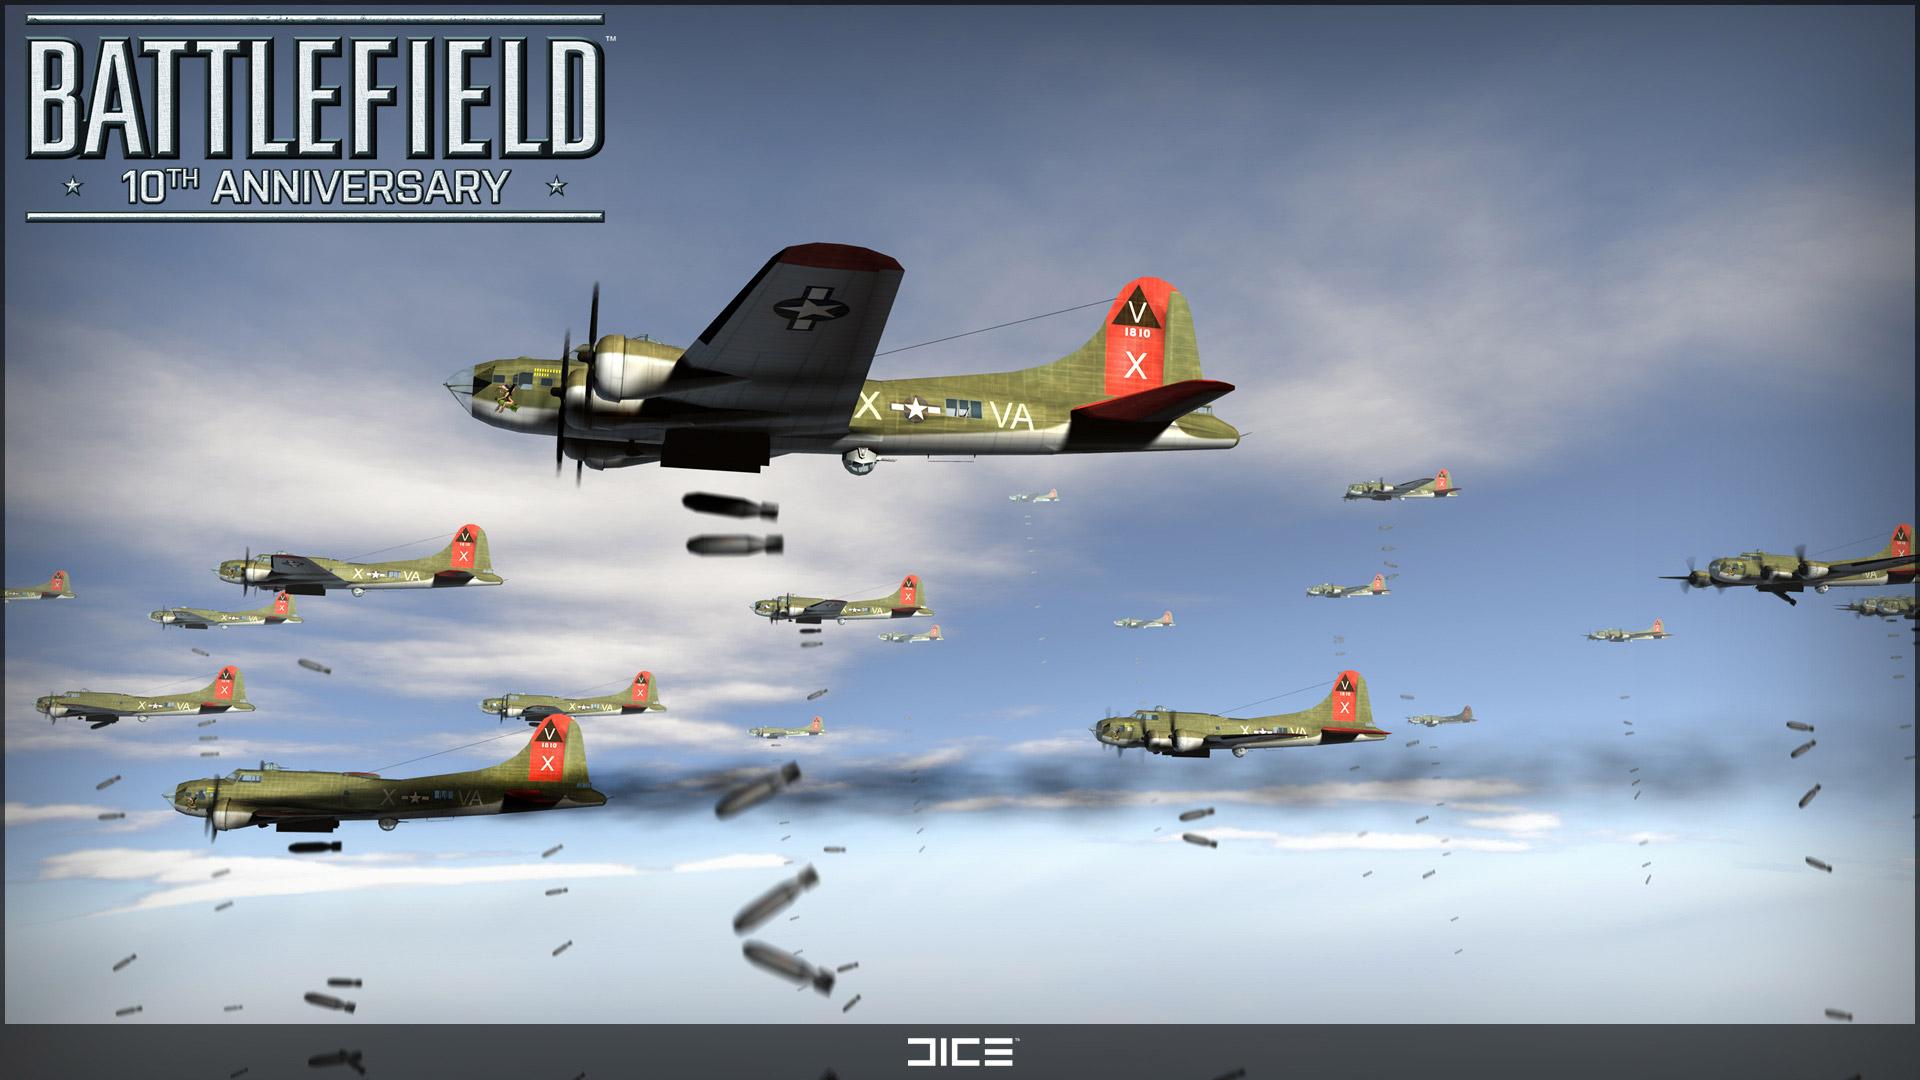 Free Battlefield 1942 Wallpaper in 1920x1080